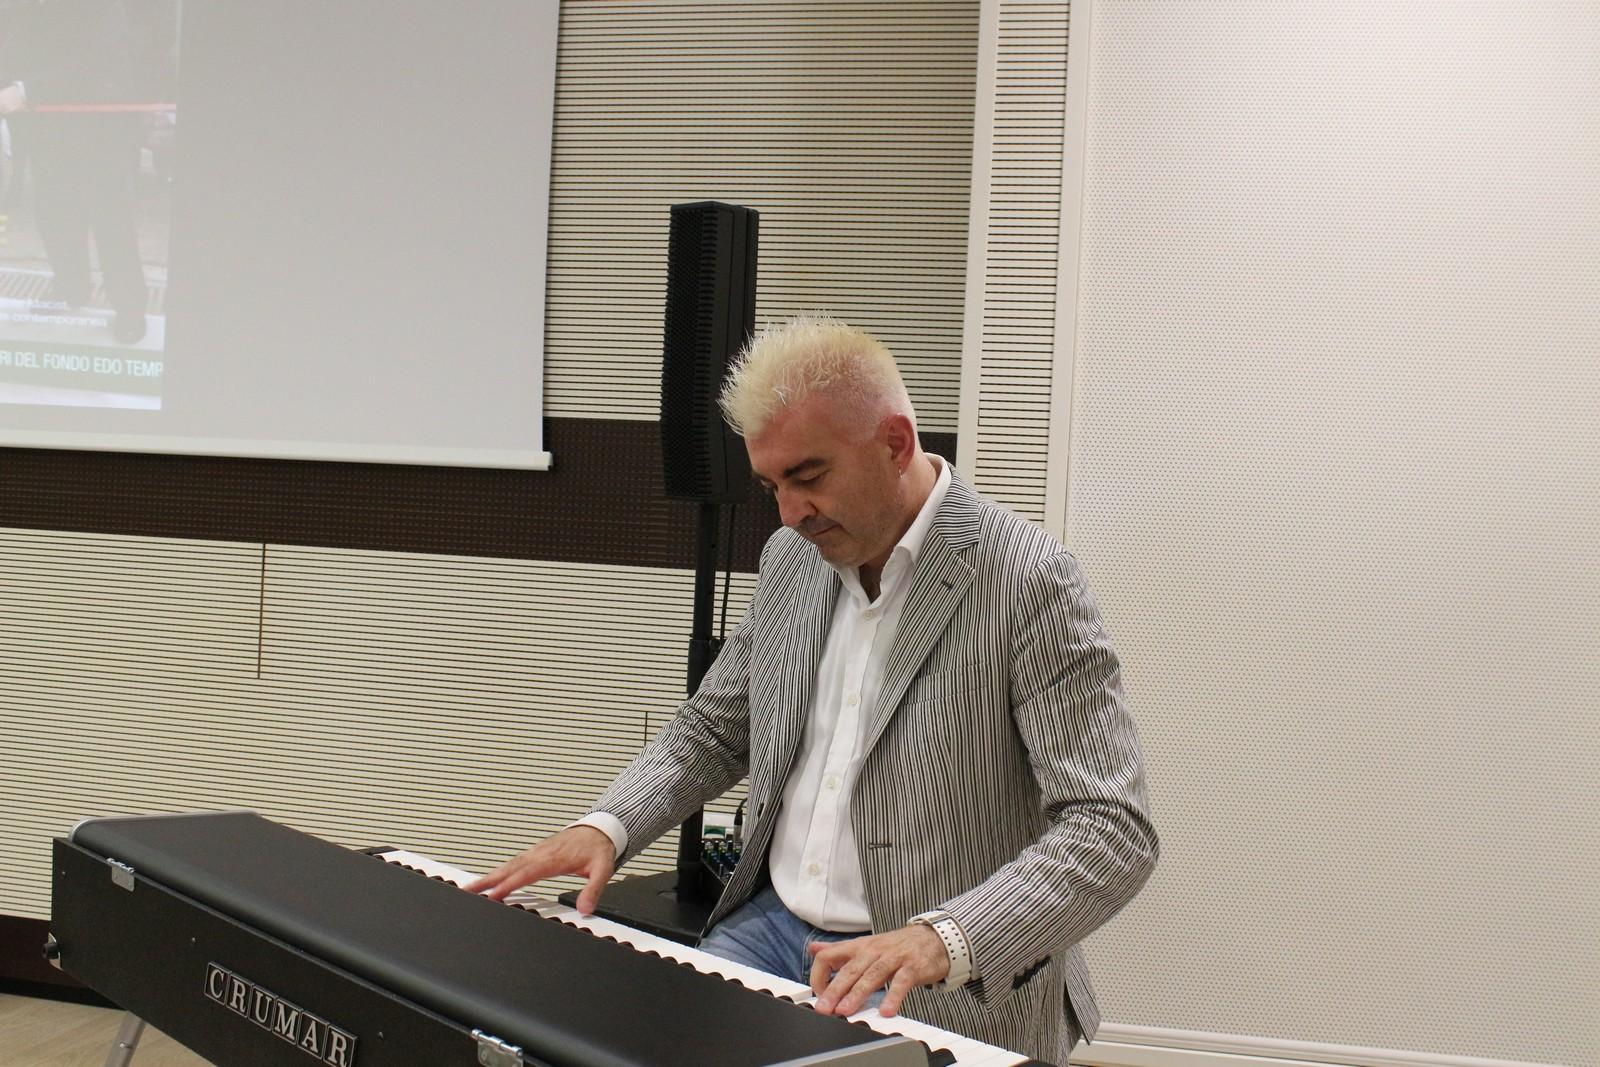 Il musicista Max Tempia alla premiazione della VI edizione del Concorso GIM paladino di un sogno del Fondo Edo Tempia